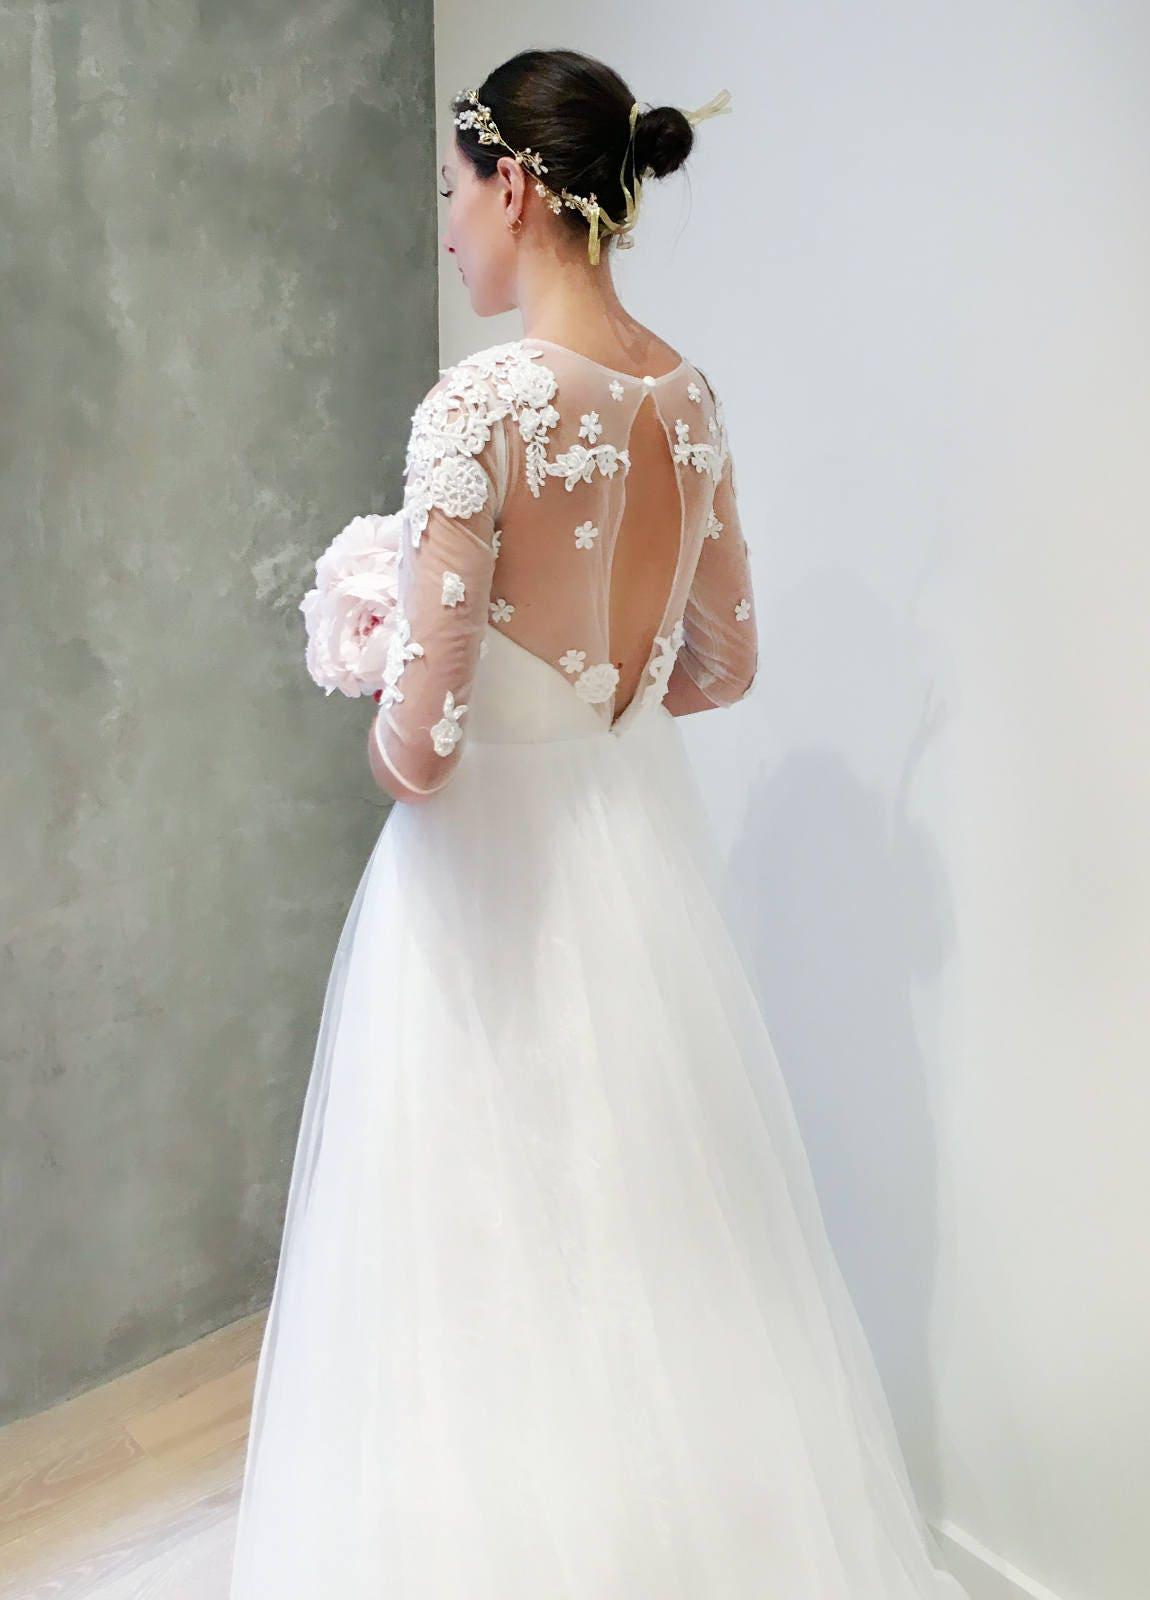 Niedlich Hochzeitskleider Nyc Probe Verkauf Bilder - Hochzeit Kleid ...